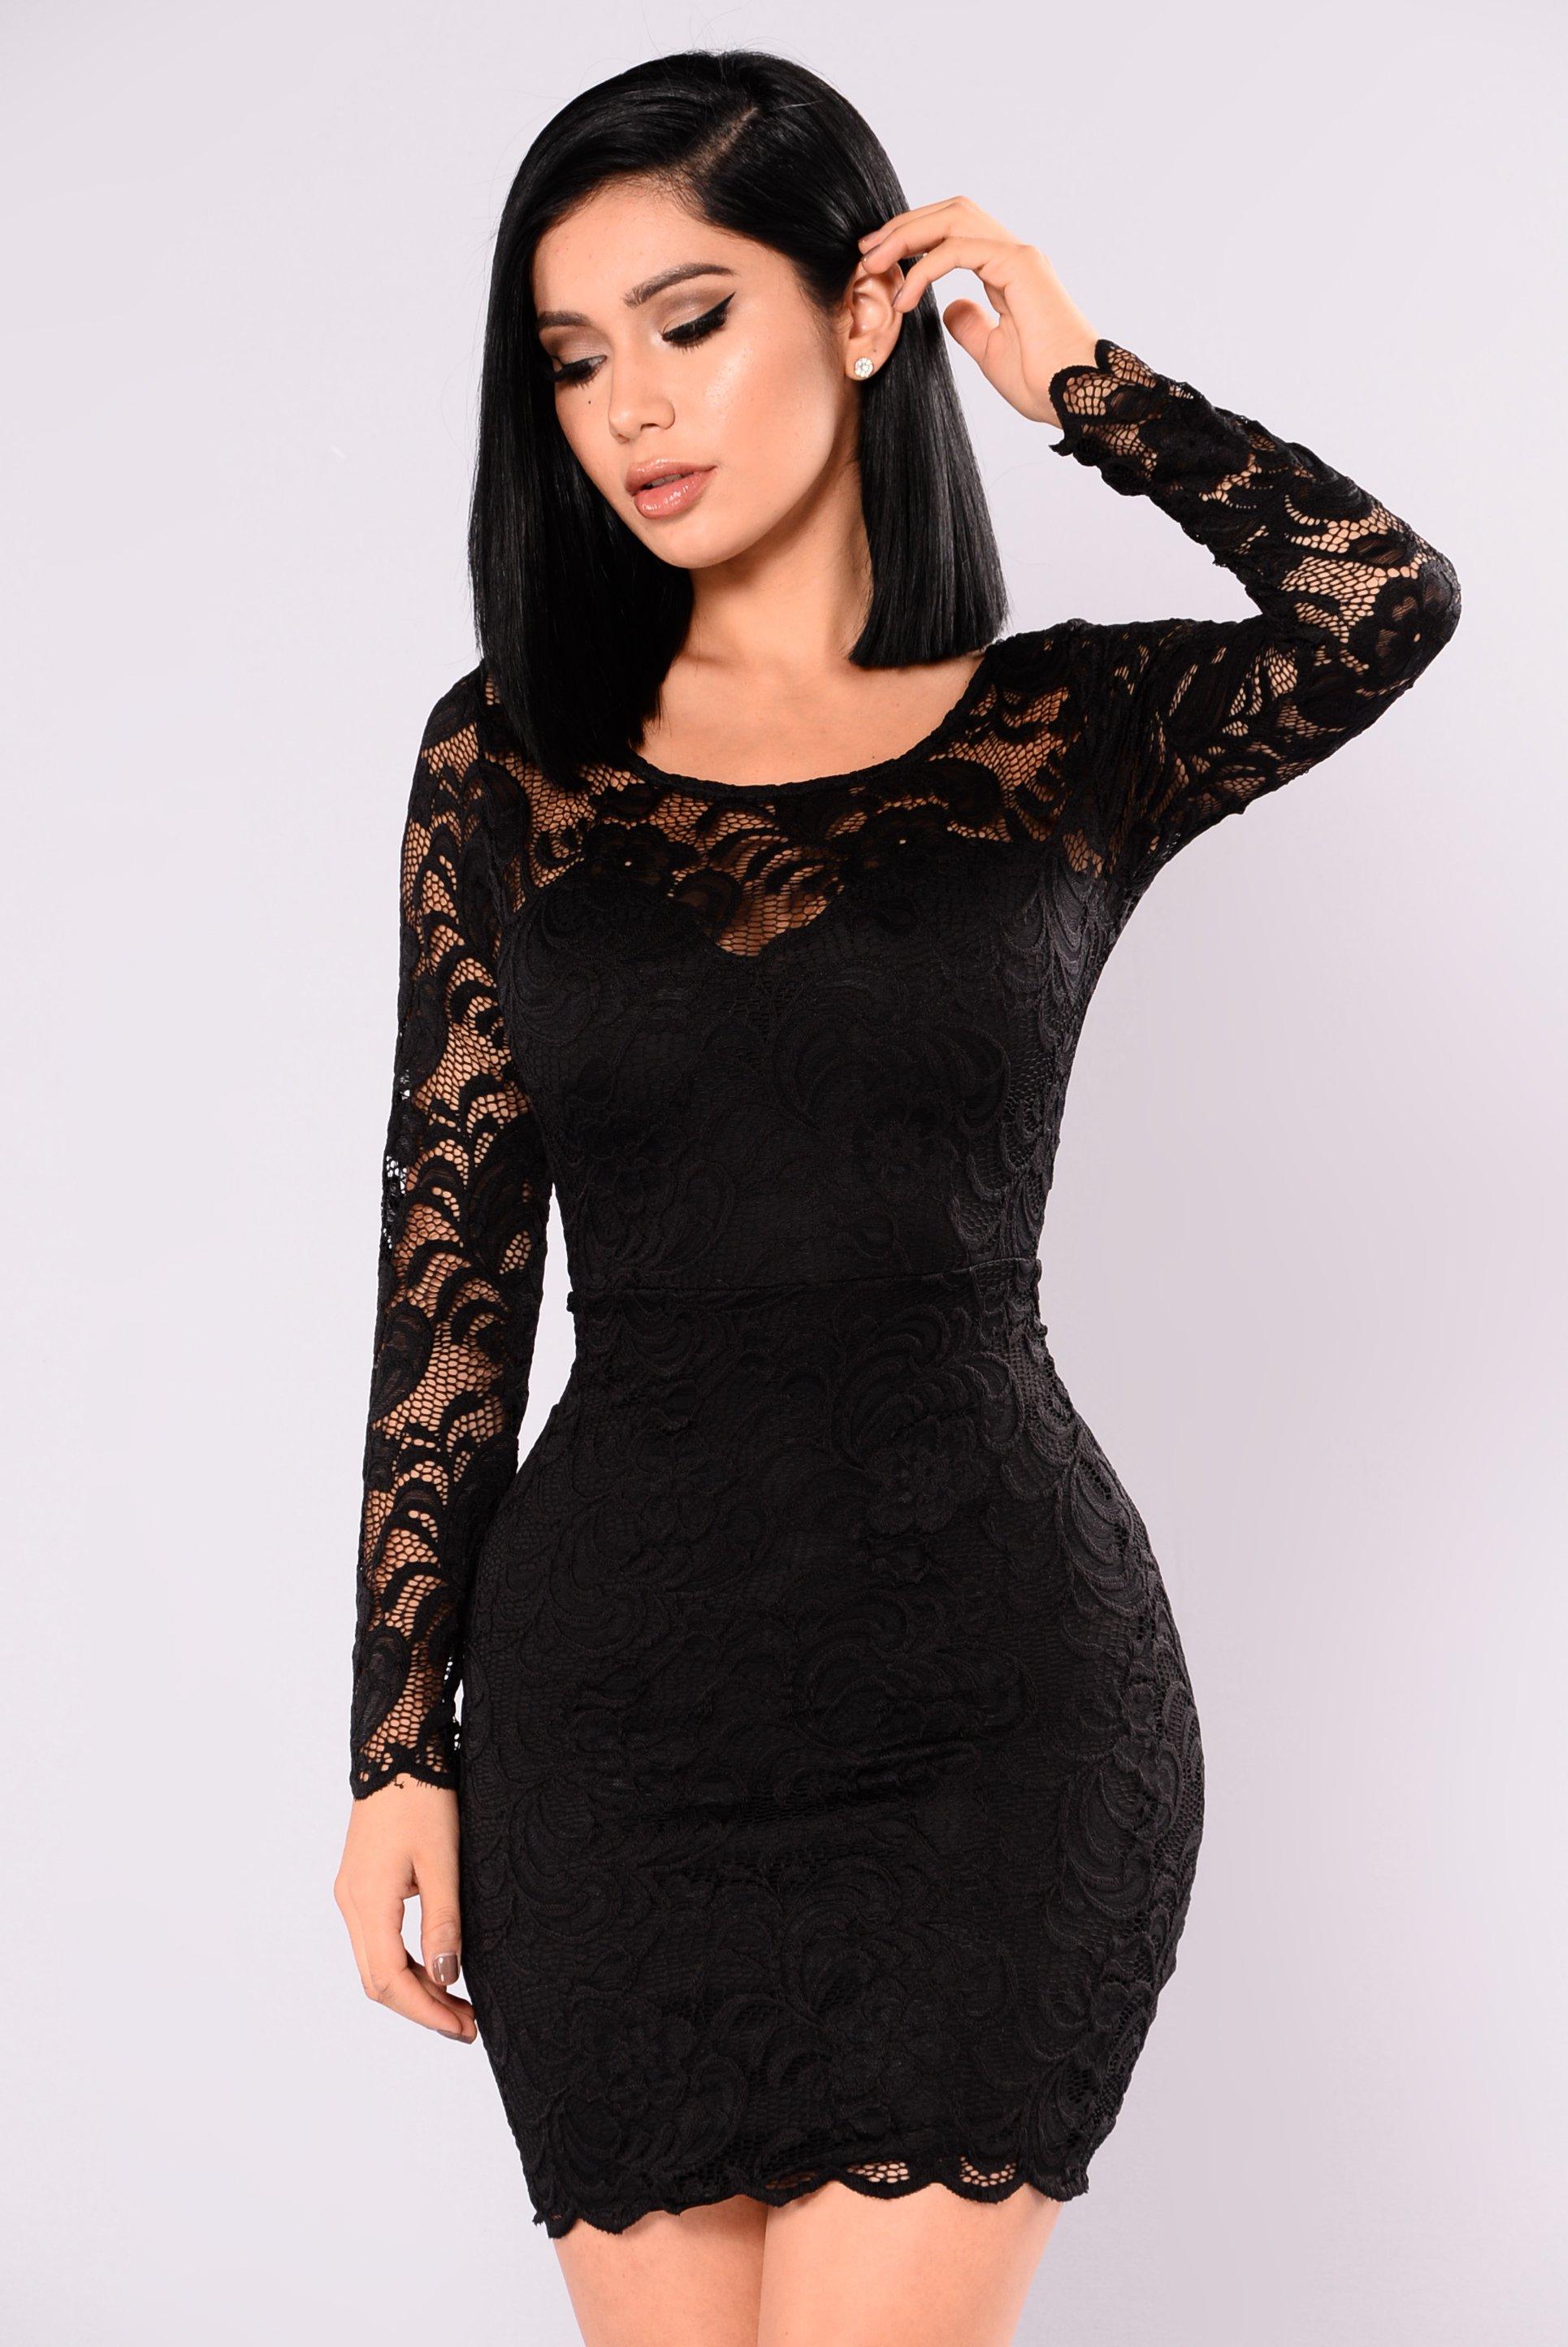 4fe265f9124d5 US$ 7.5 - Black Lace Mini Dress 27233-1 - www.global-lover.com